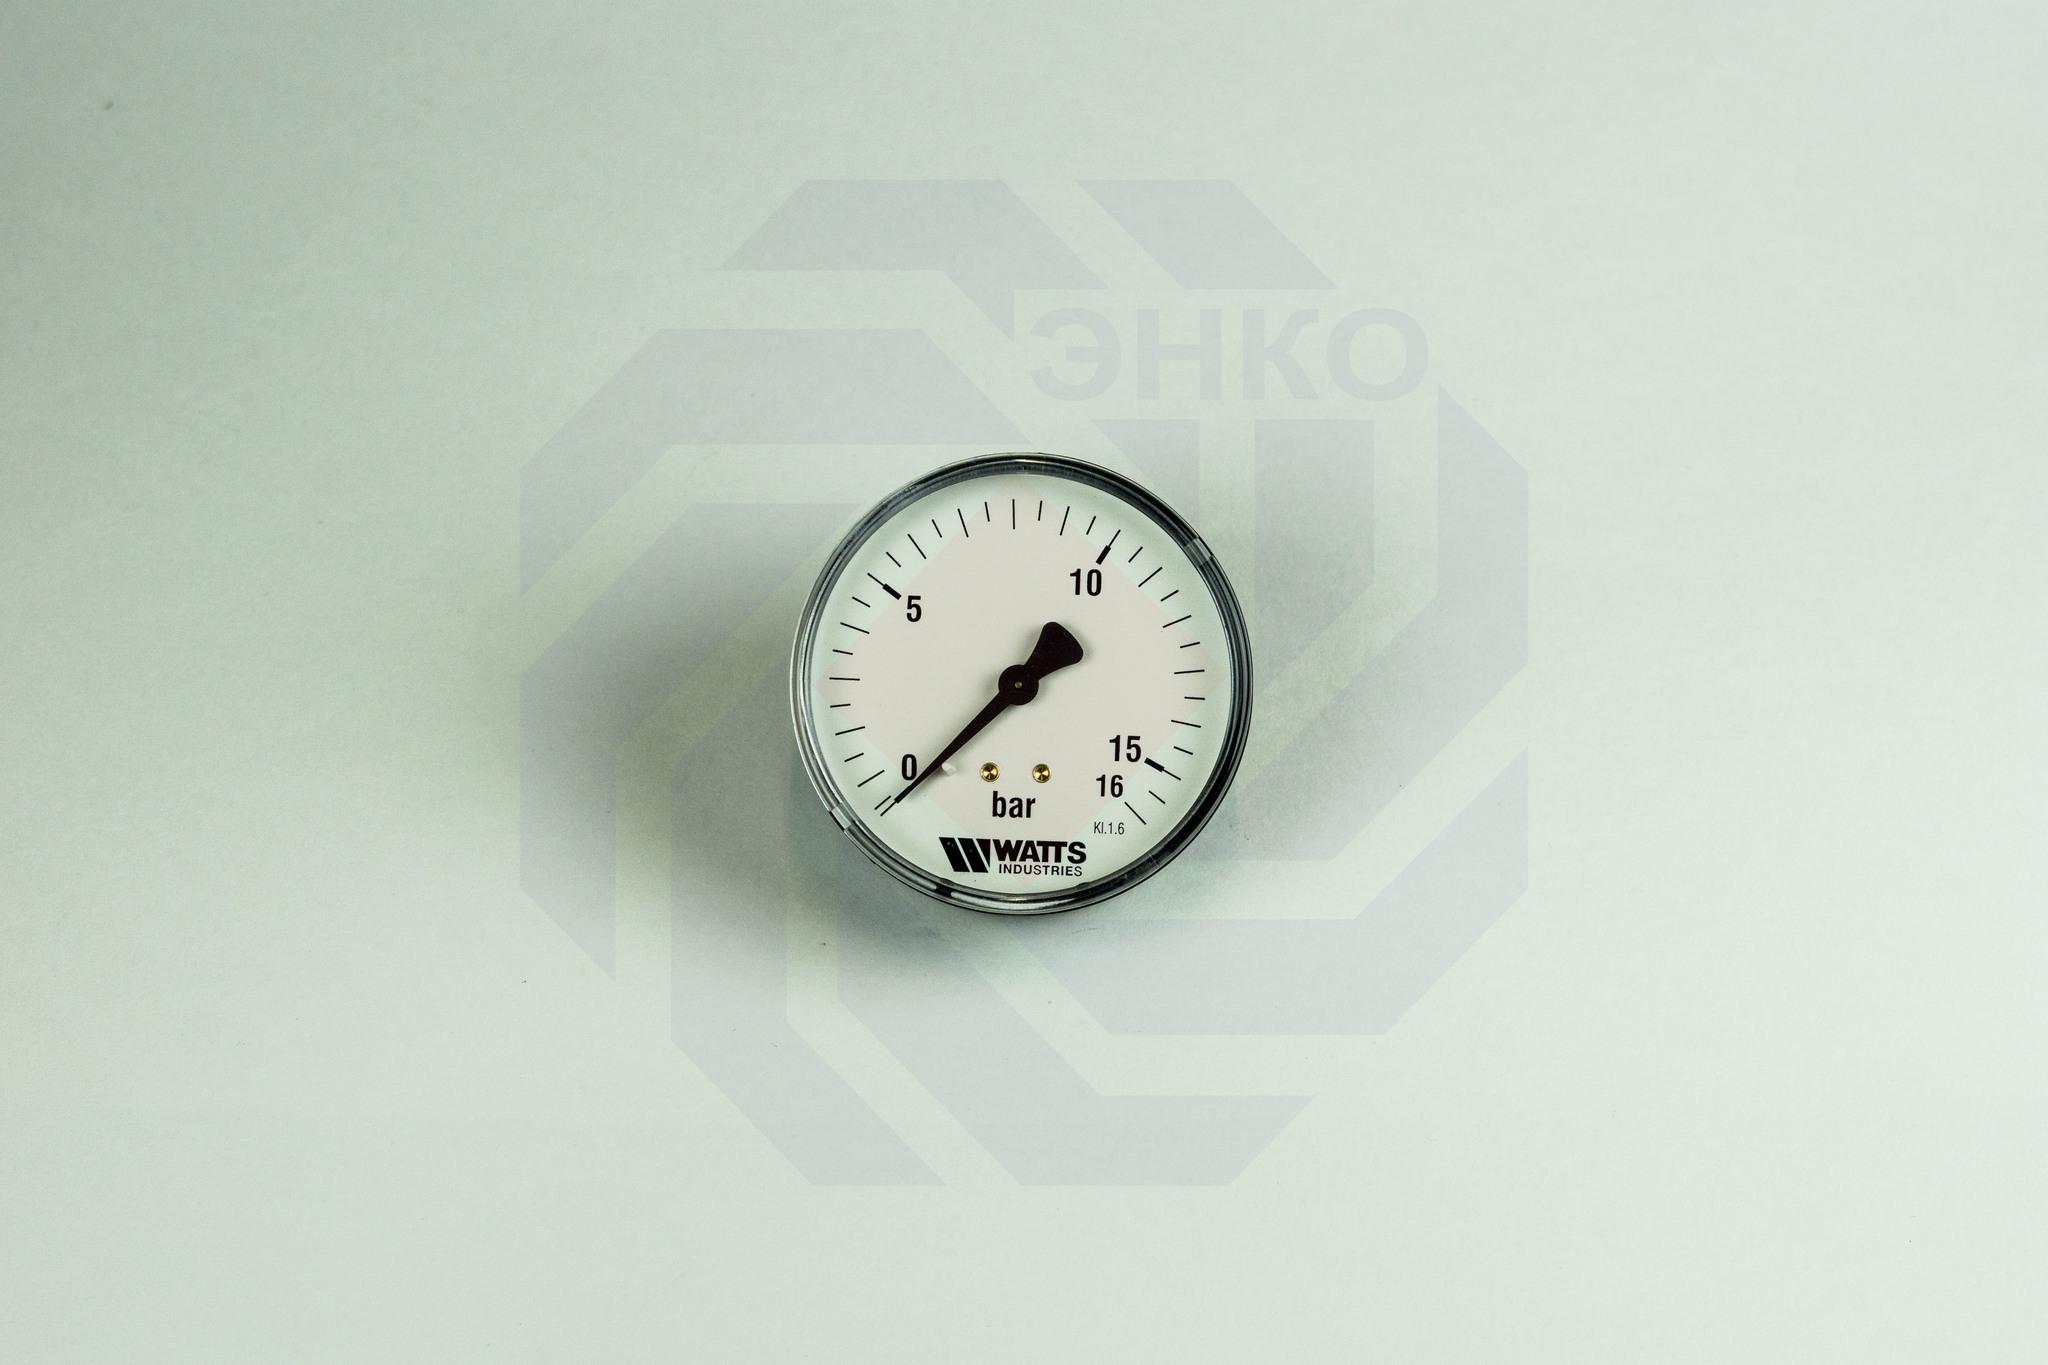 Манометр аксиальный WATTS MDA 80/16 (F+R150) 0-16 бар 80 мм ¼